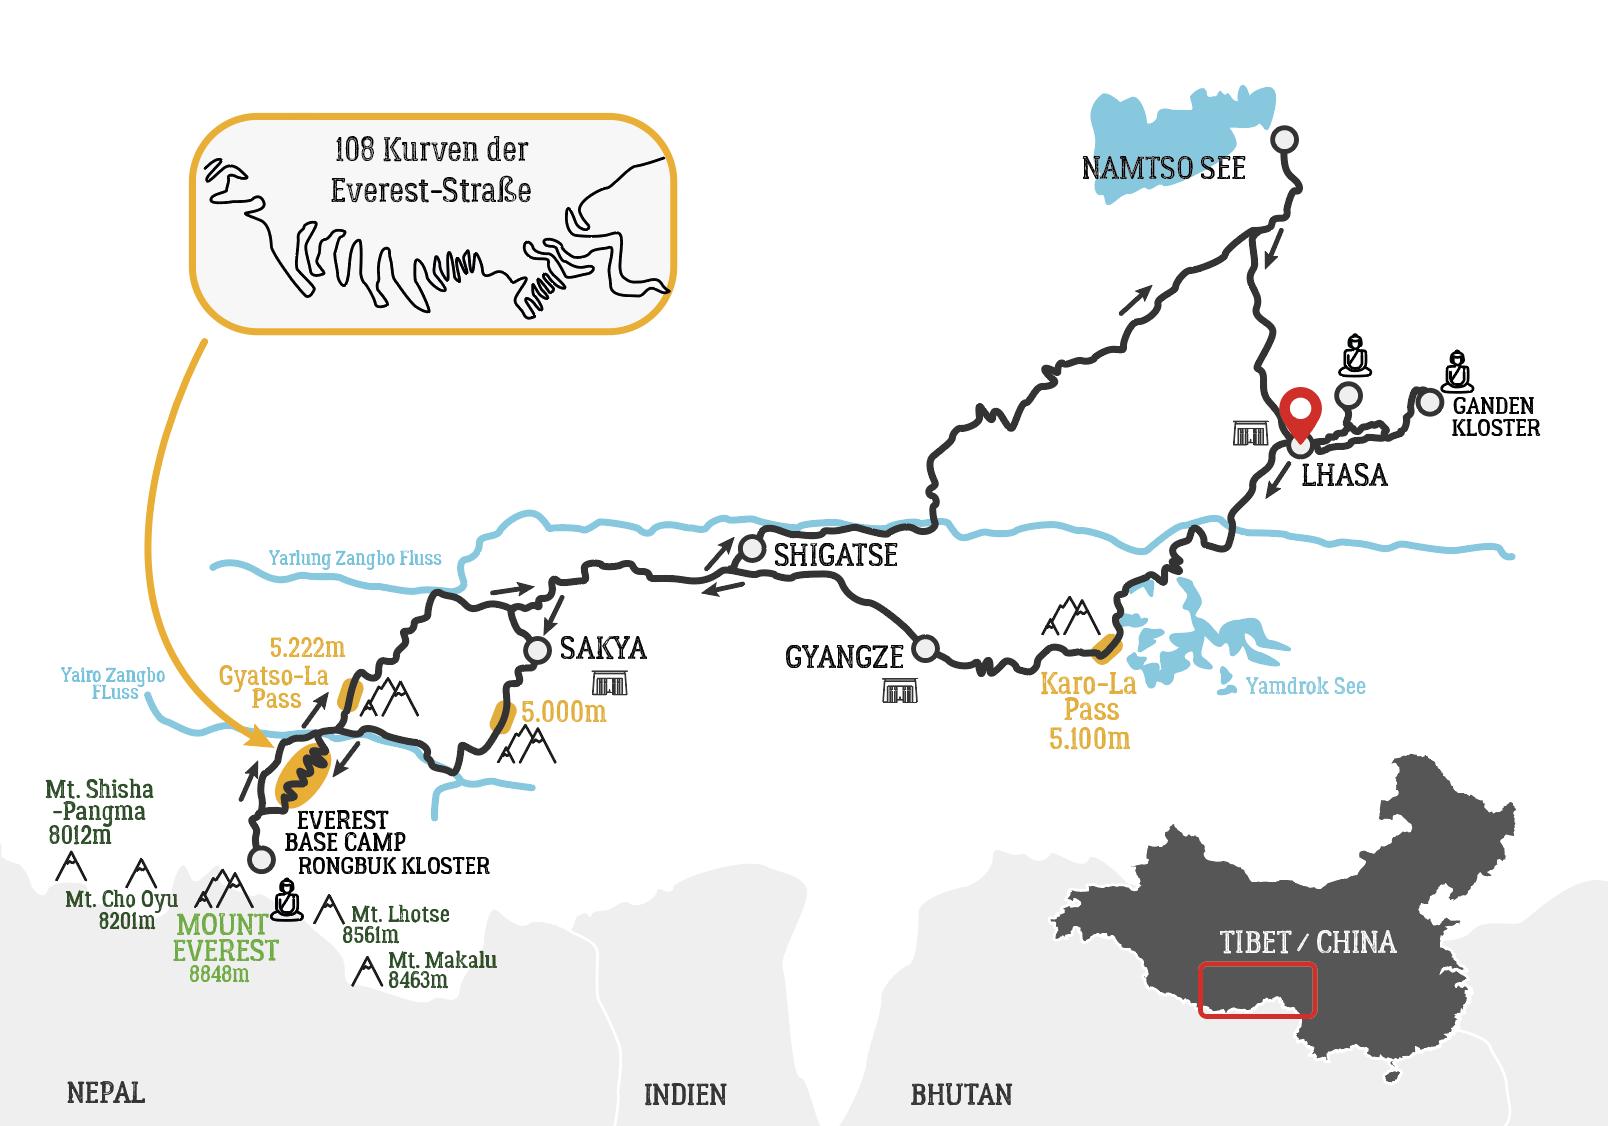 Everest Basislager Motorradtour Karte